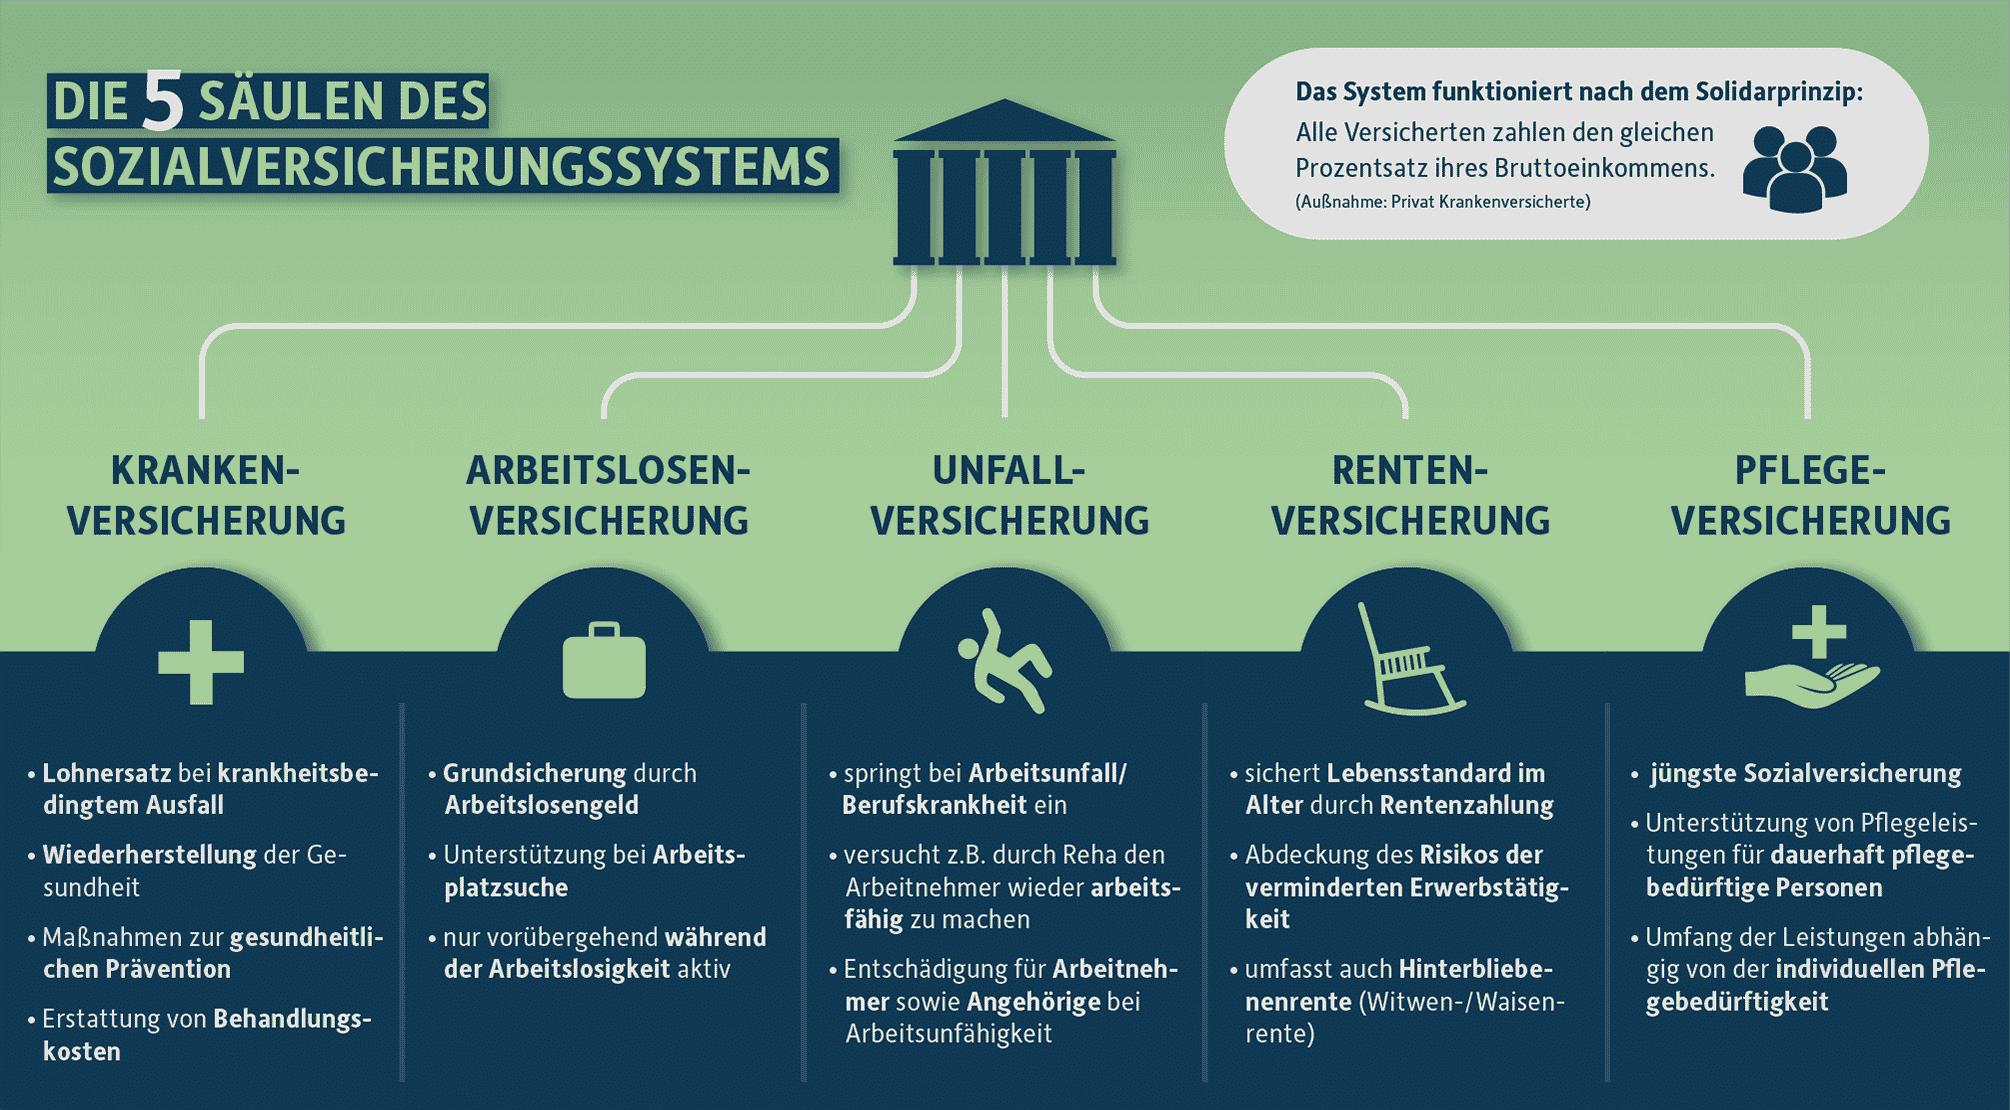 Infografik: Die 5 Säulen der Sozialversicherung und deren Funktionen